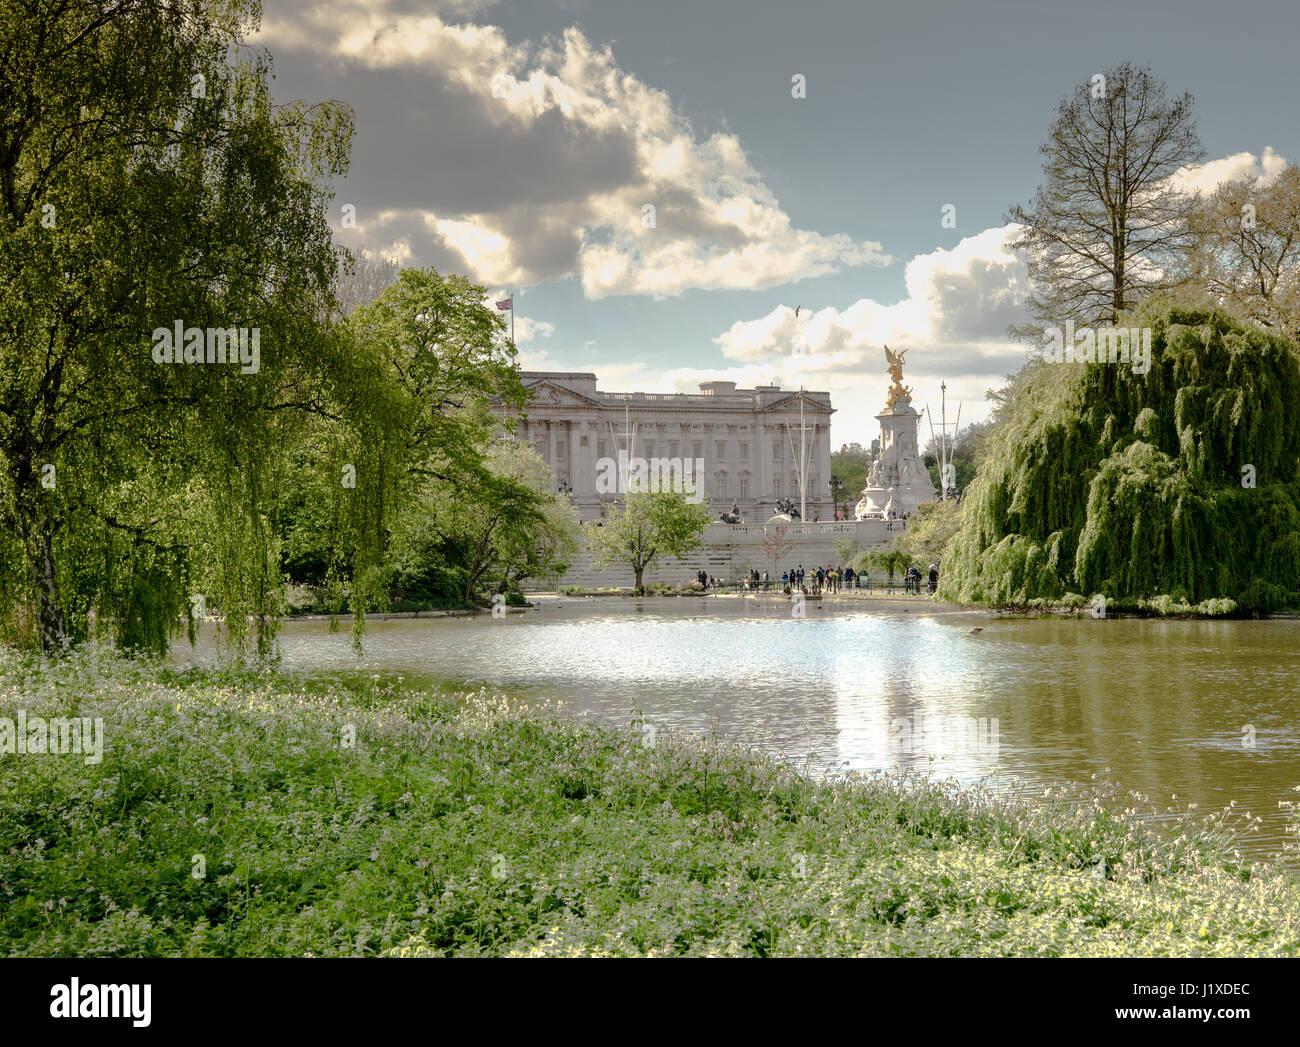 Buckingham Palace from St. James's Park, London, England, United Kingdom - Stock Image